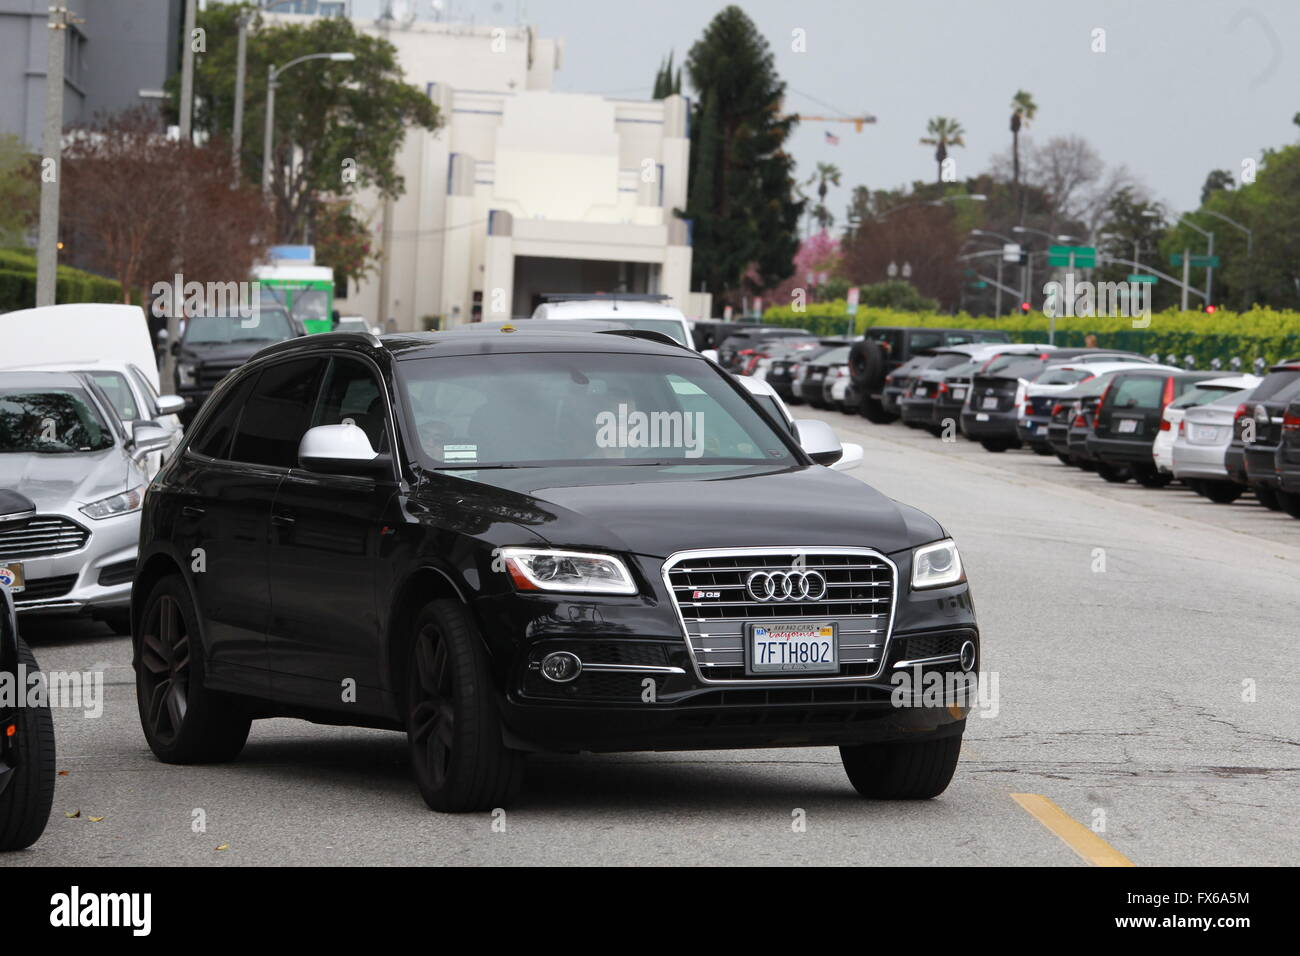 Amy Adams entdeckt Shoppen in Beverly Hills, fahren einen Audi, die ...